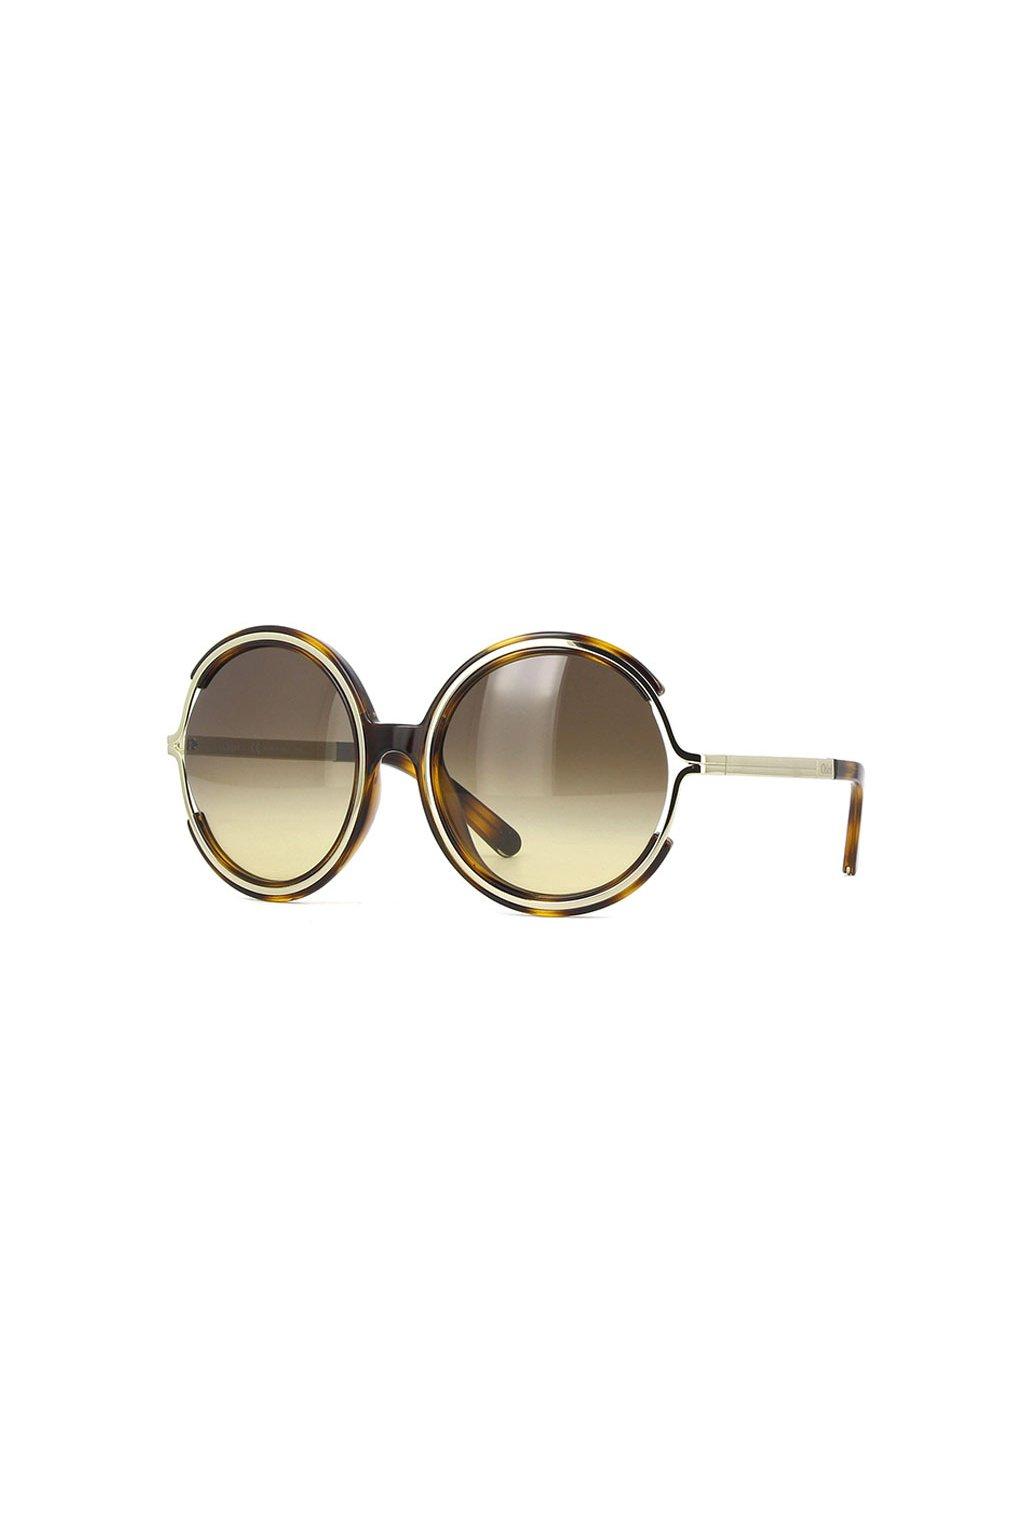 Dámské sluneční brýle Chloé ce708s